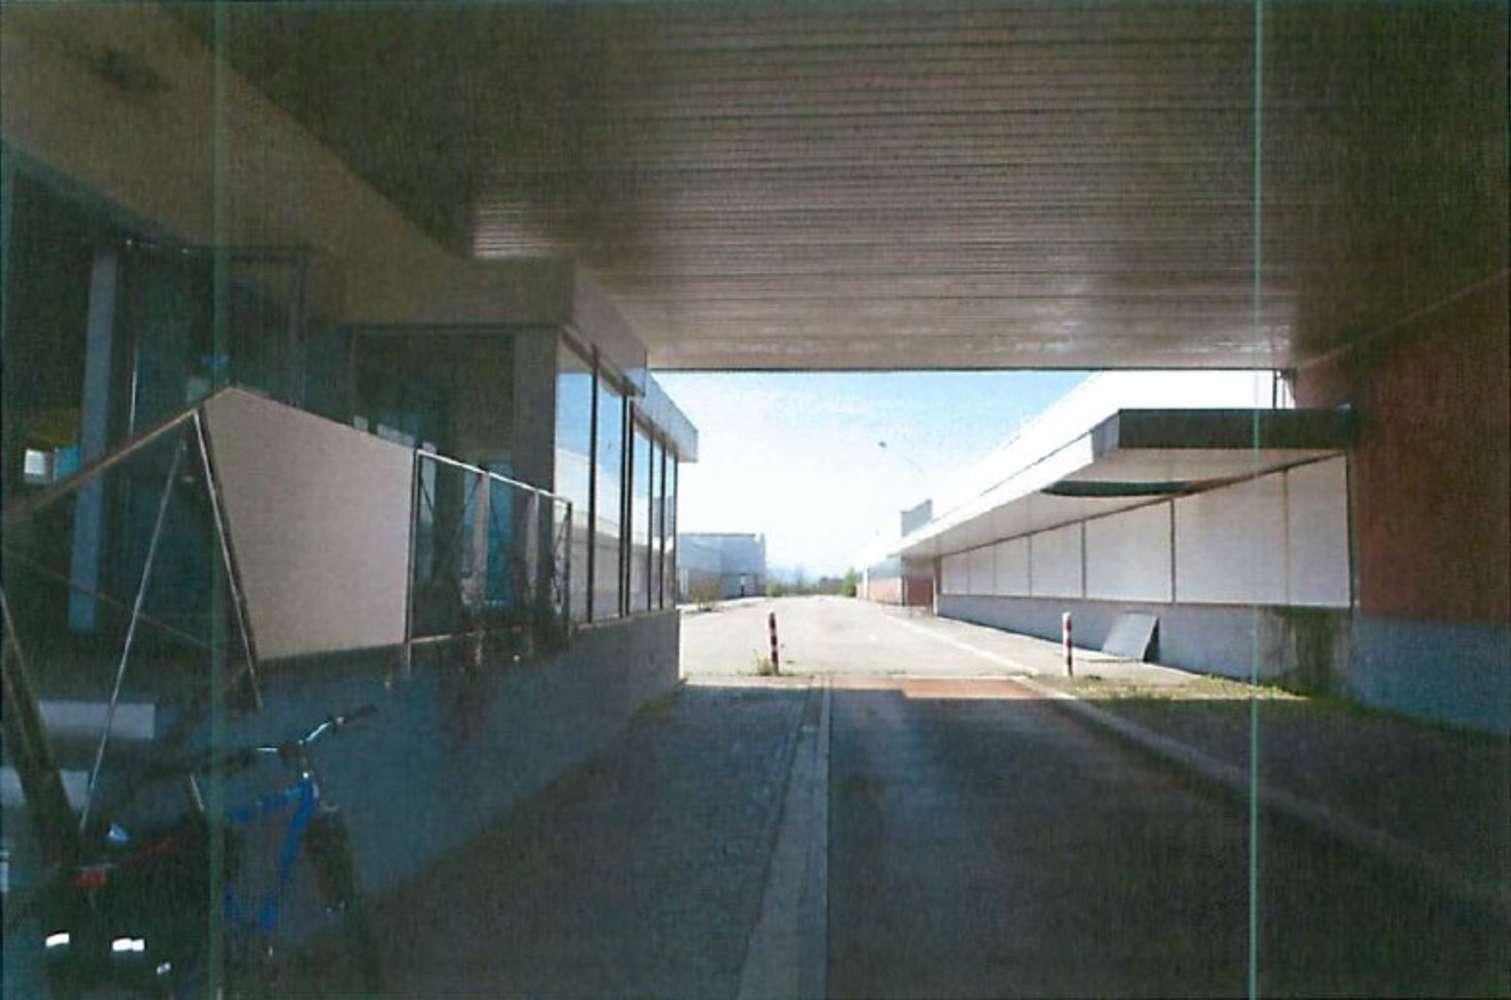 Magazzini industriali e logistici Casale monferrato, 15033 - Casale Monferrato - Via Caduti sul Lavoro - 9844562